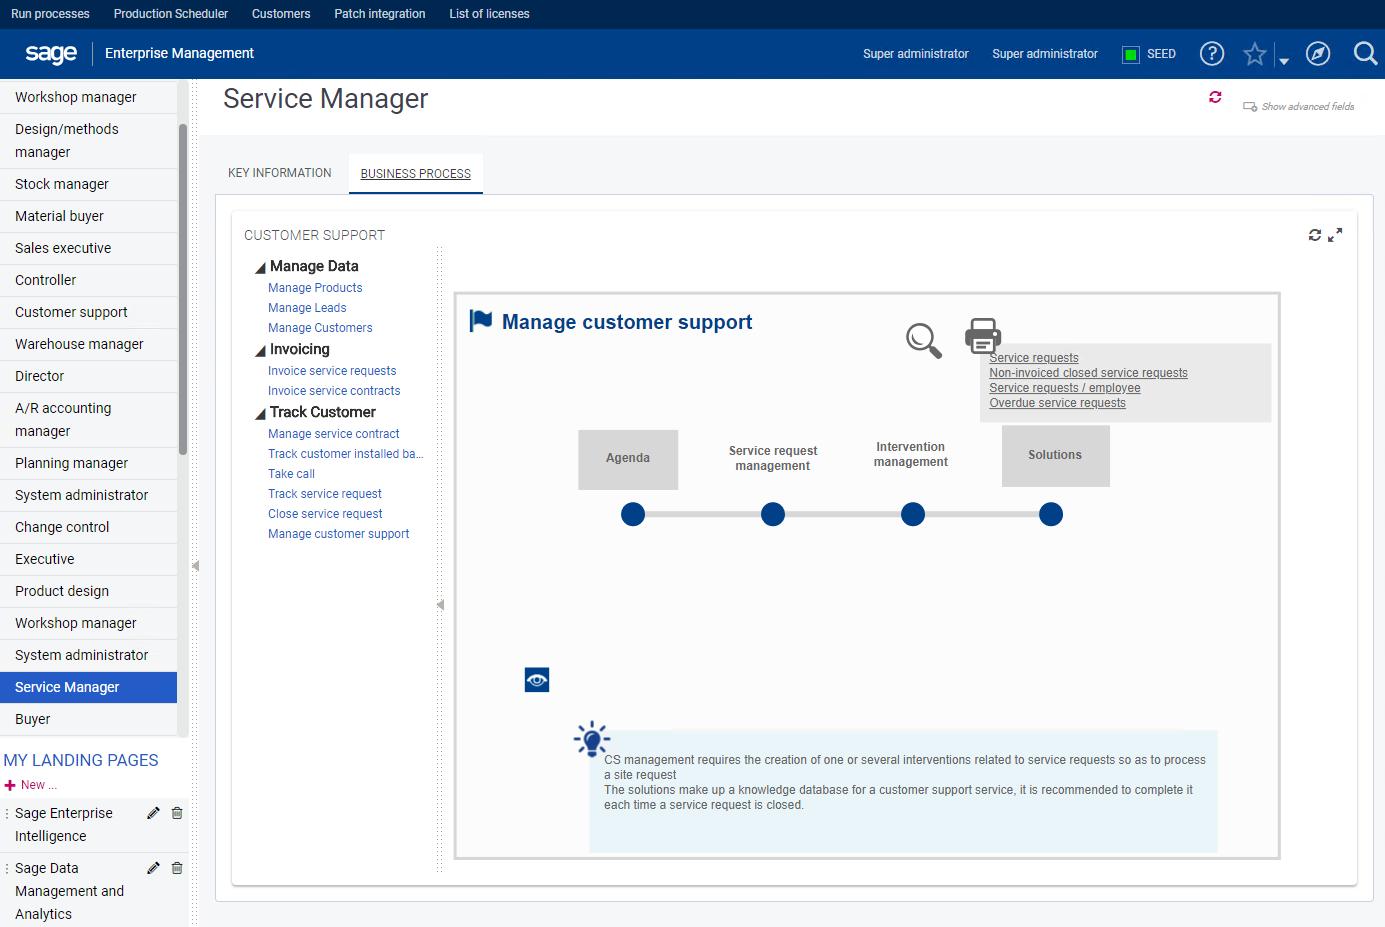 Sage Business Cloud Enterprise Management Demo - Service Management